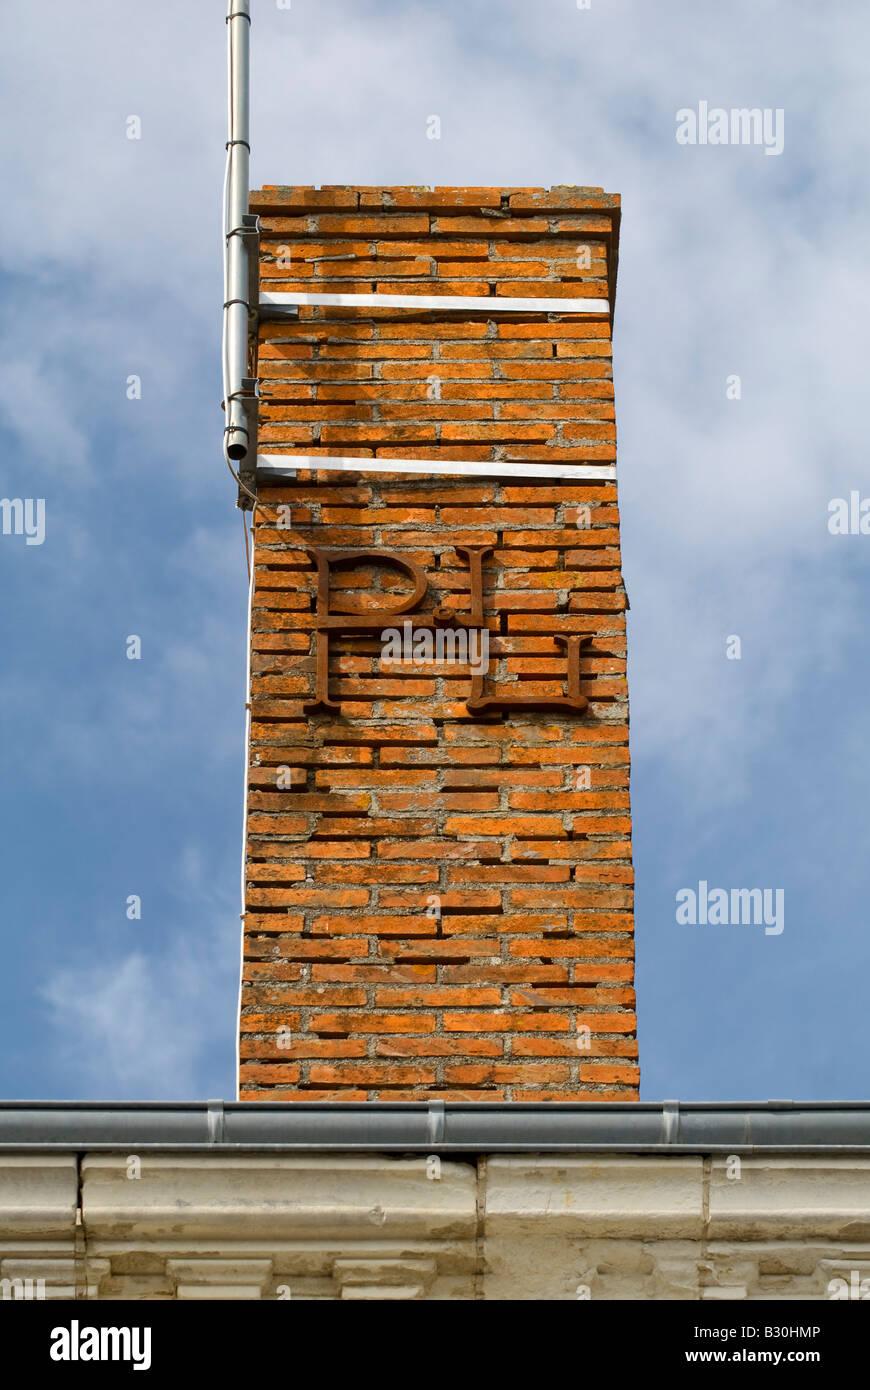 Decorative letters 'PL' reinforcing chimney stack, France. - Stock Image